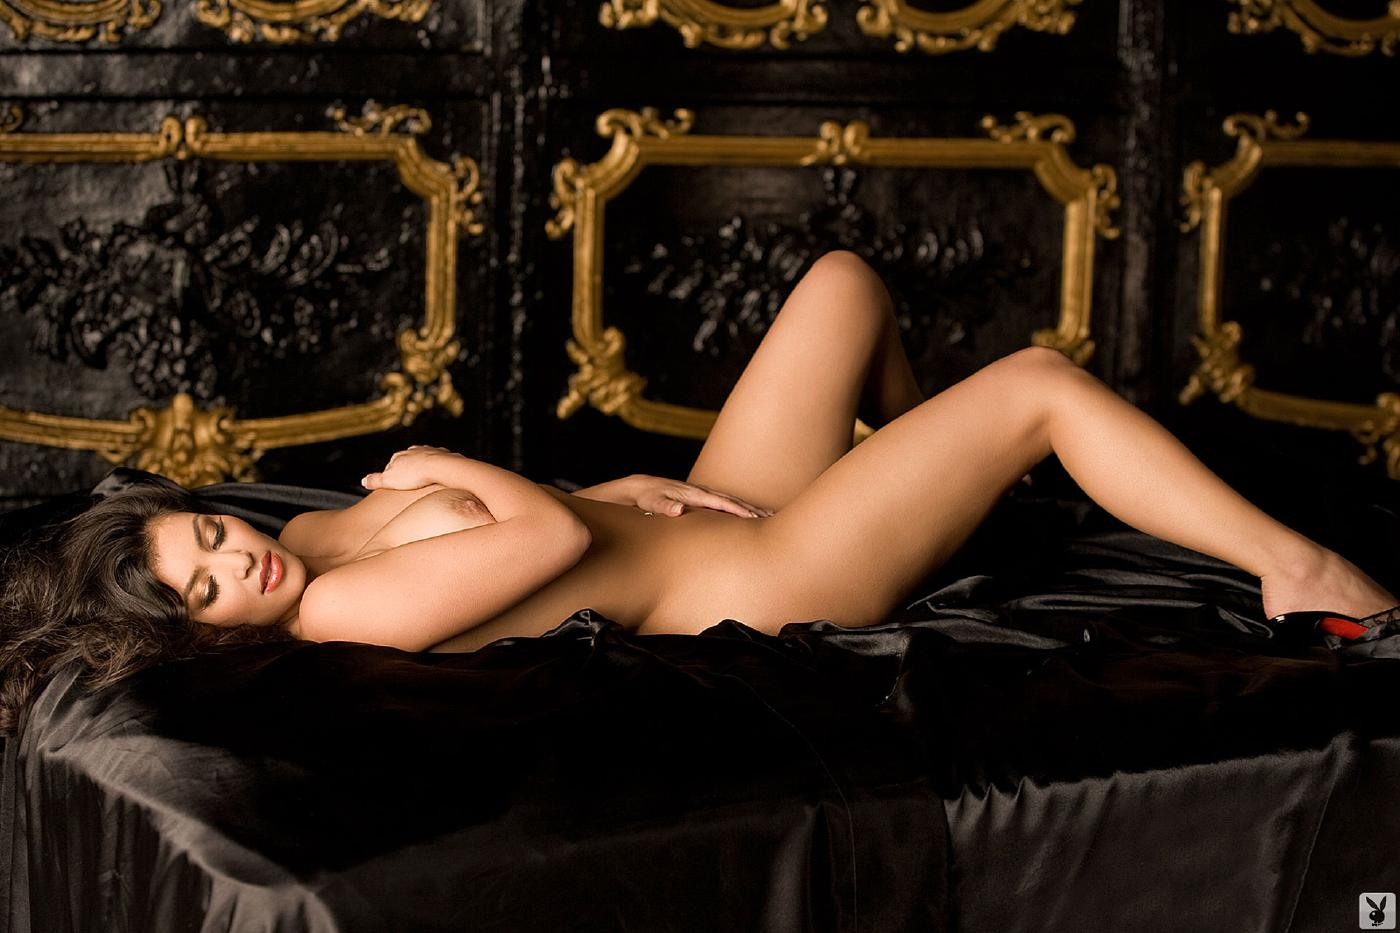 Kim Kardashian Playboy Nude Photoshoot Leaked 0013